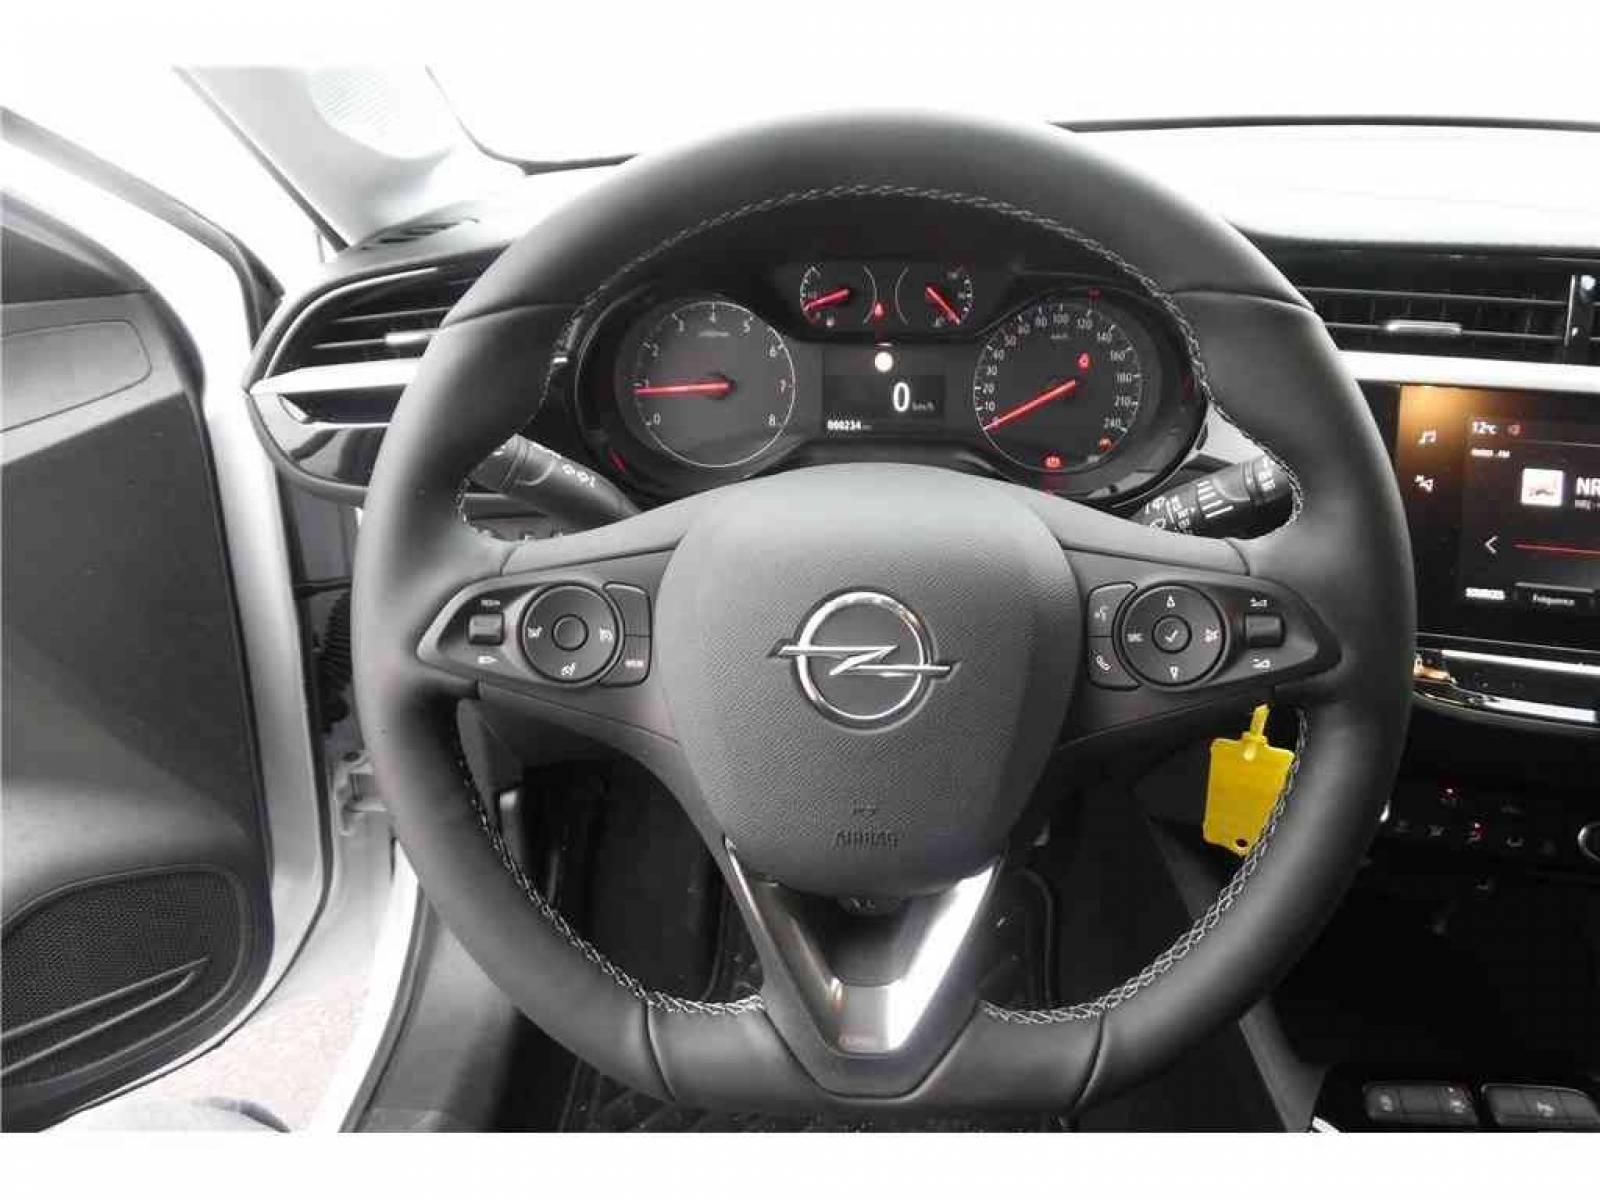 OPEL Corsa 1.5 Diesel 100 ch BVM6 - véhicule d'occasion - Groupe Guillet - Opel Magicauto - Montceau-les-Mines - 71300 - Montceau-les-Mines - 14